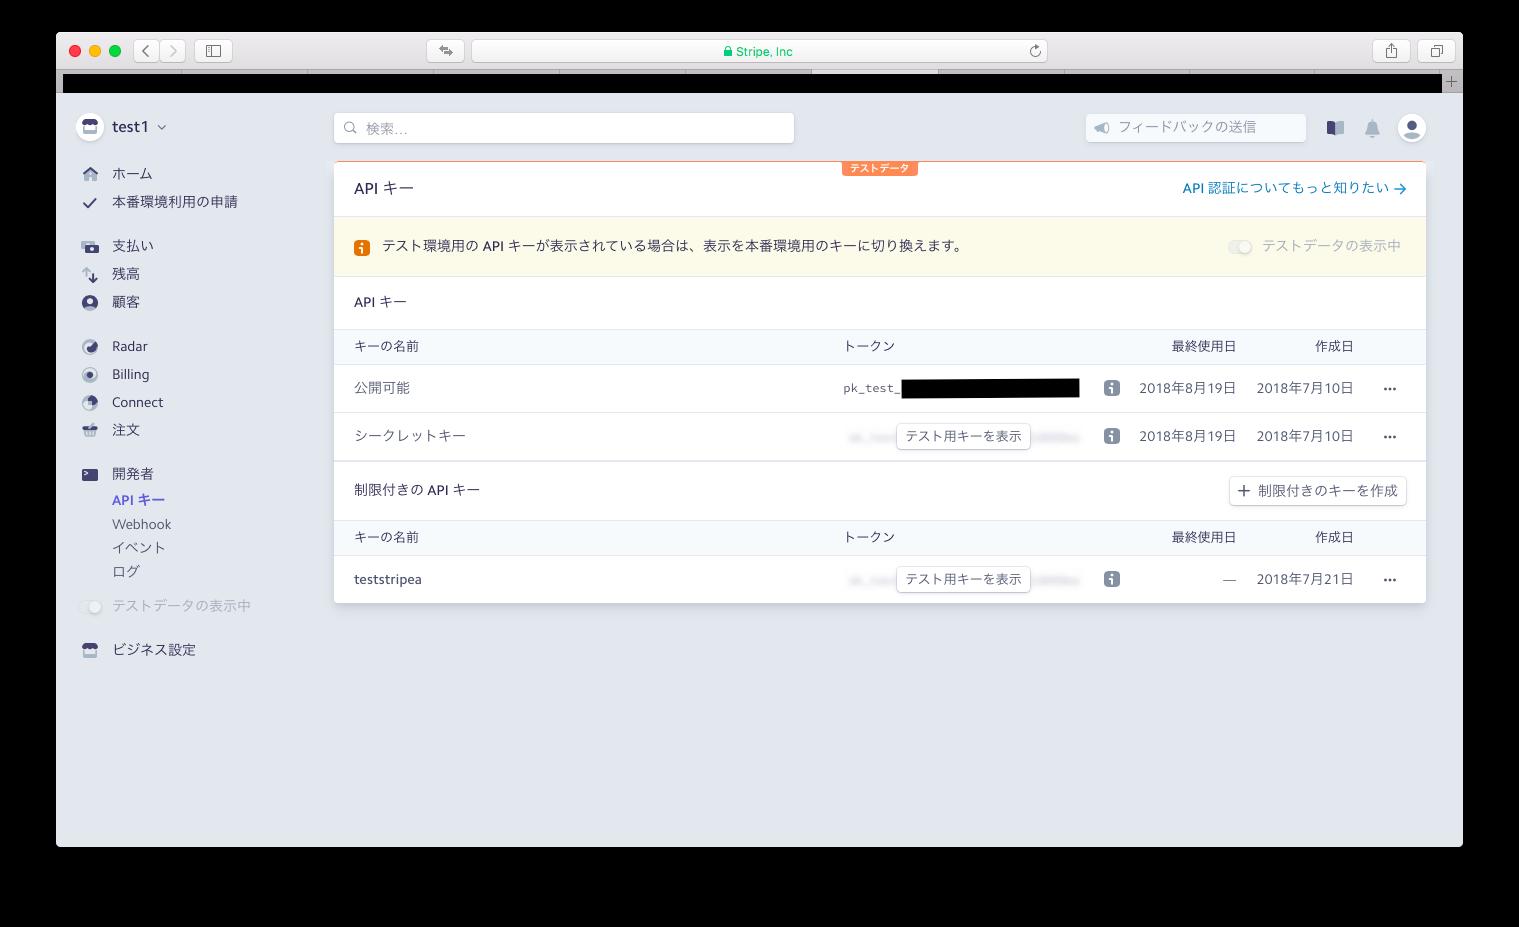 スクリーンショット 2018-08-23 0.23.11.pngのコピー.png.png